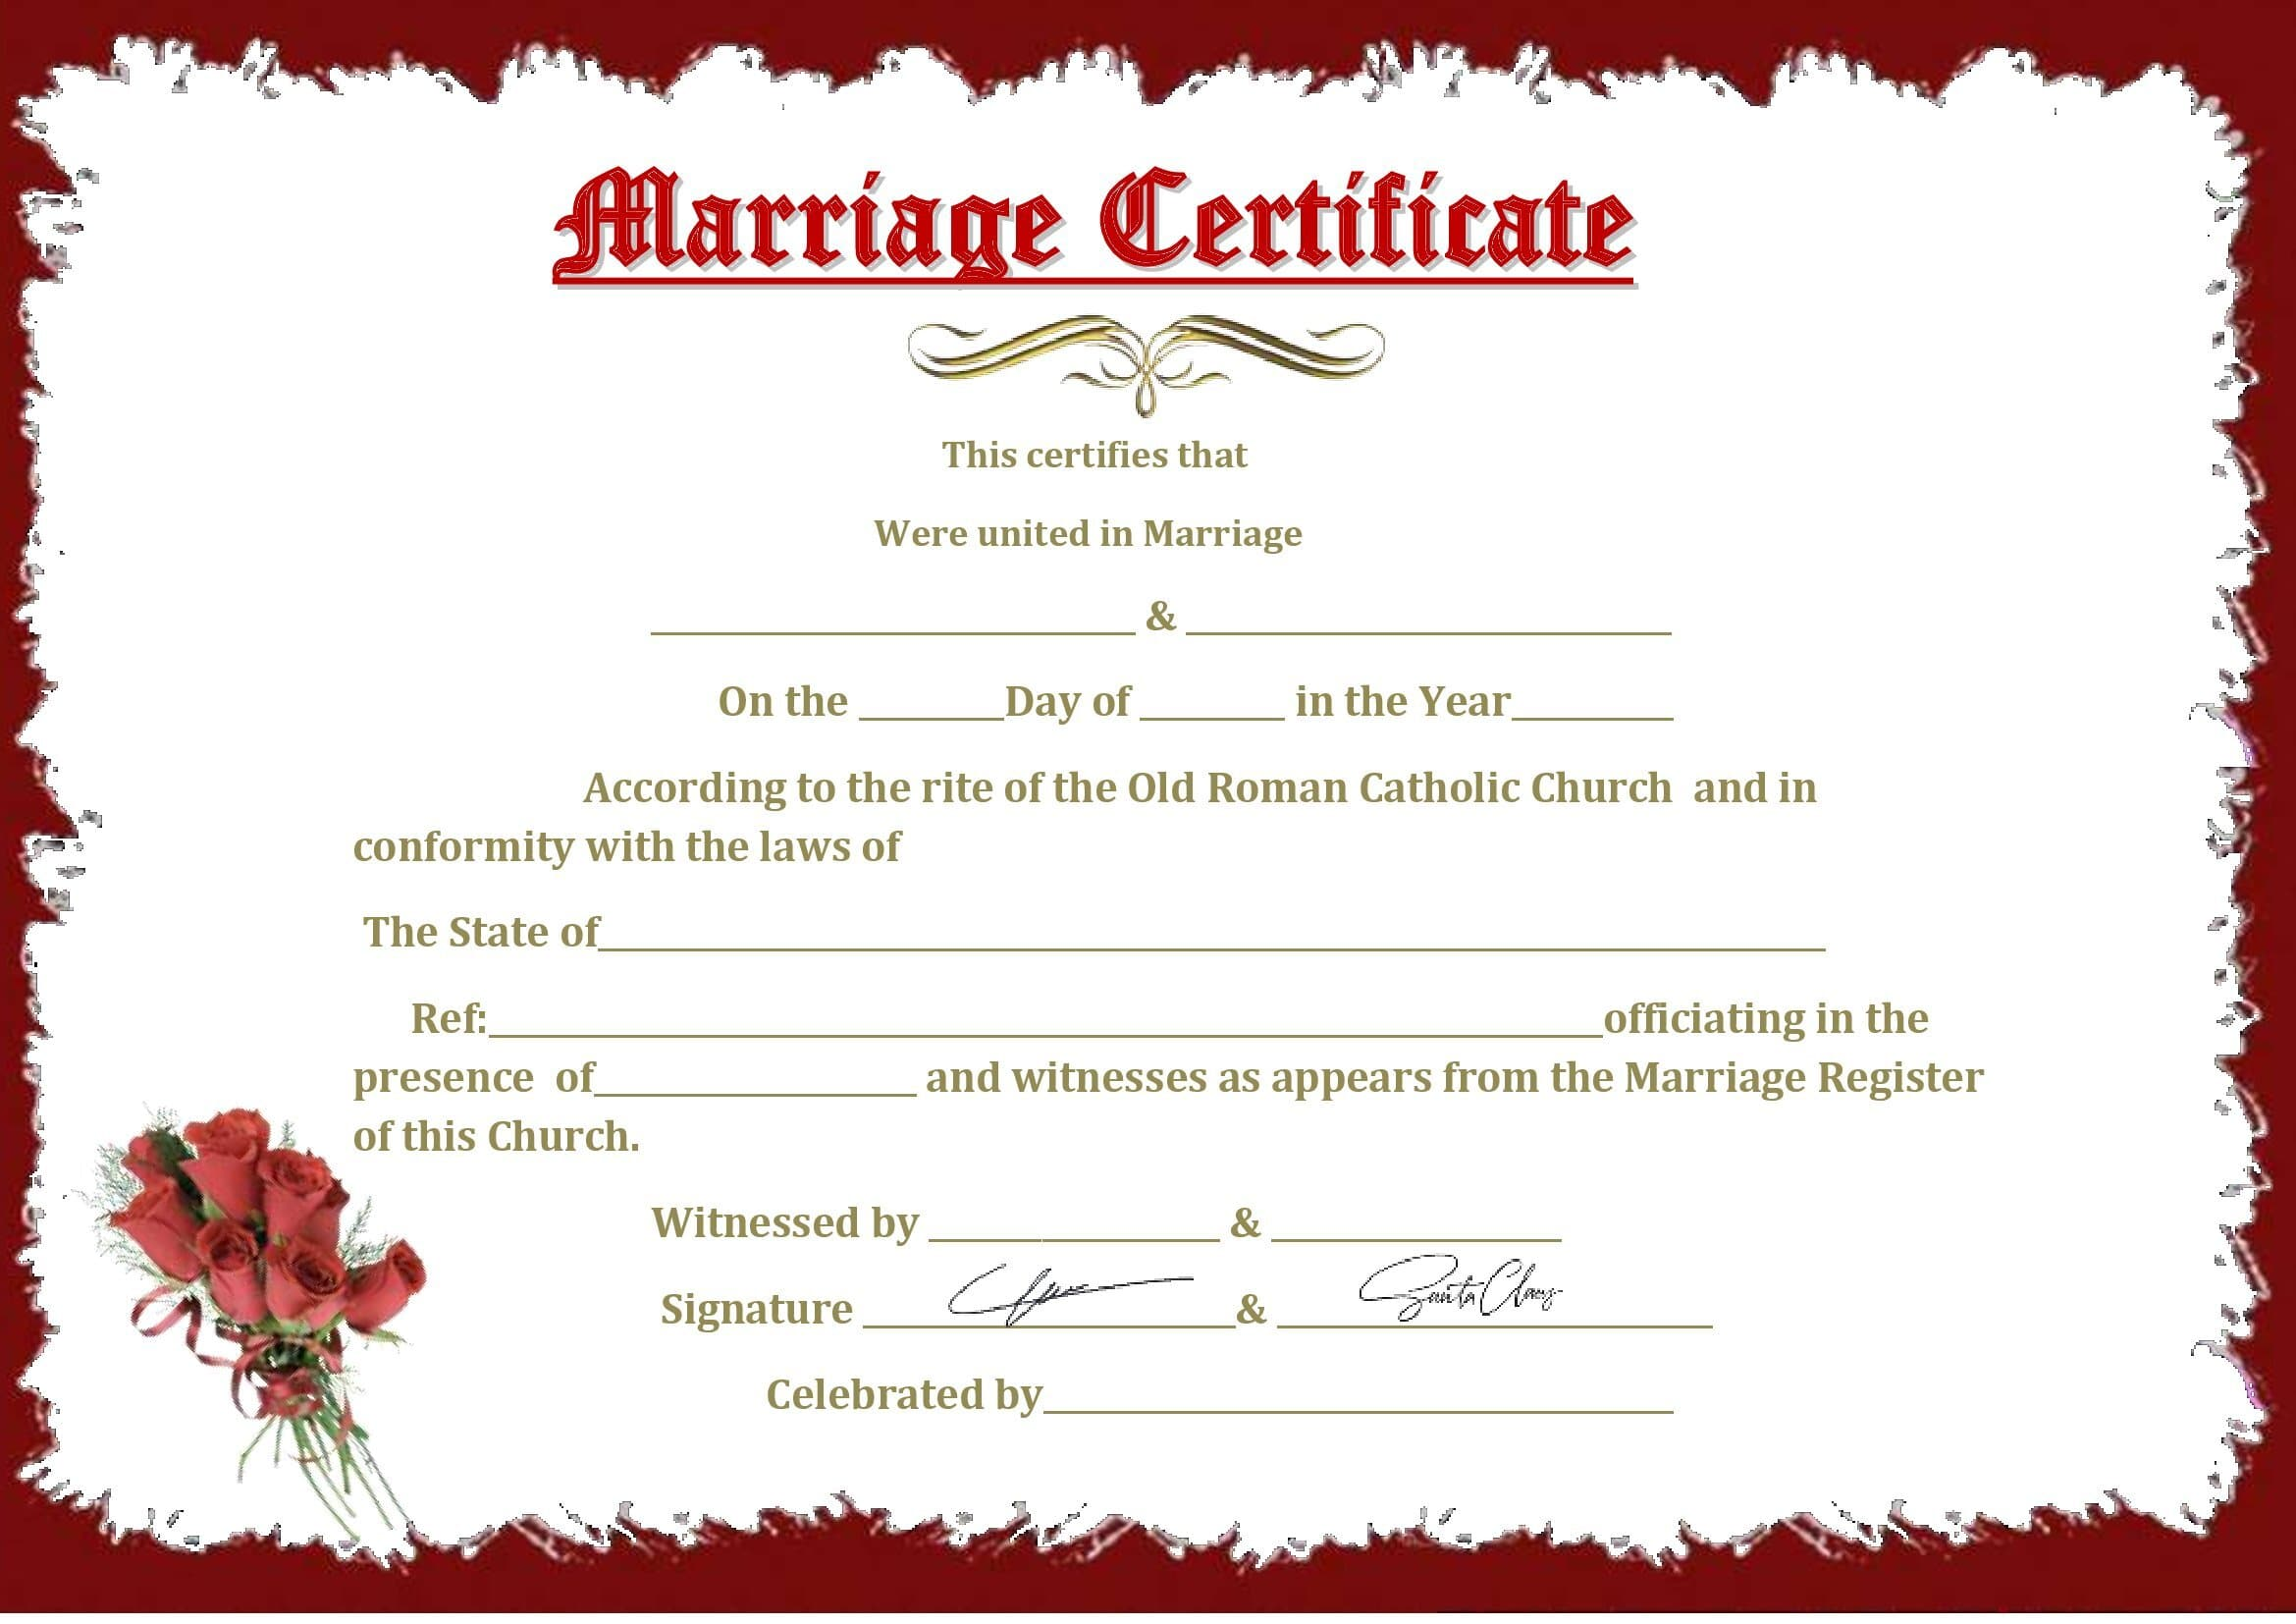 Certidão De Casamento Word